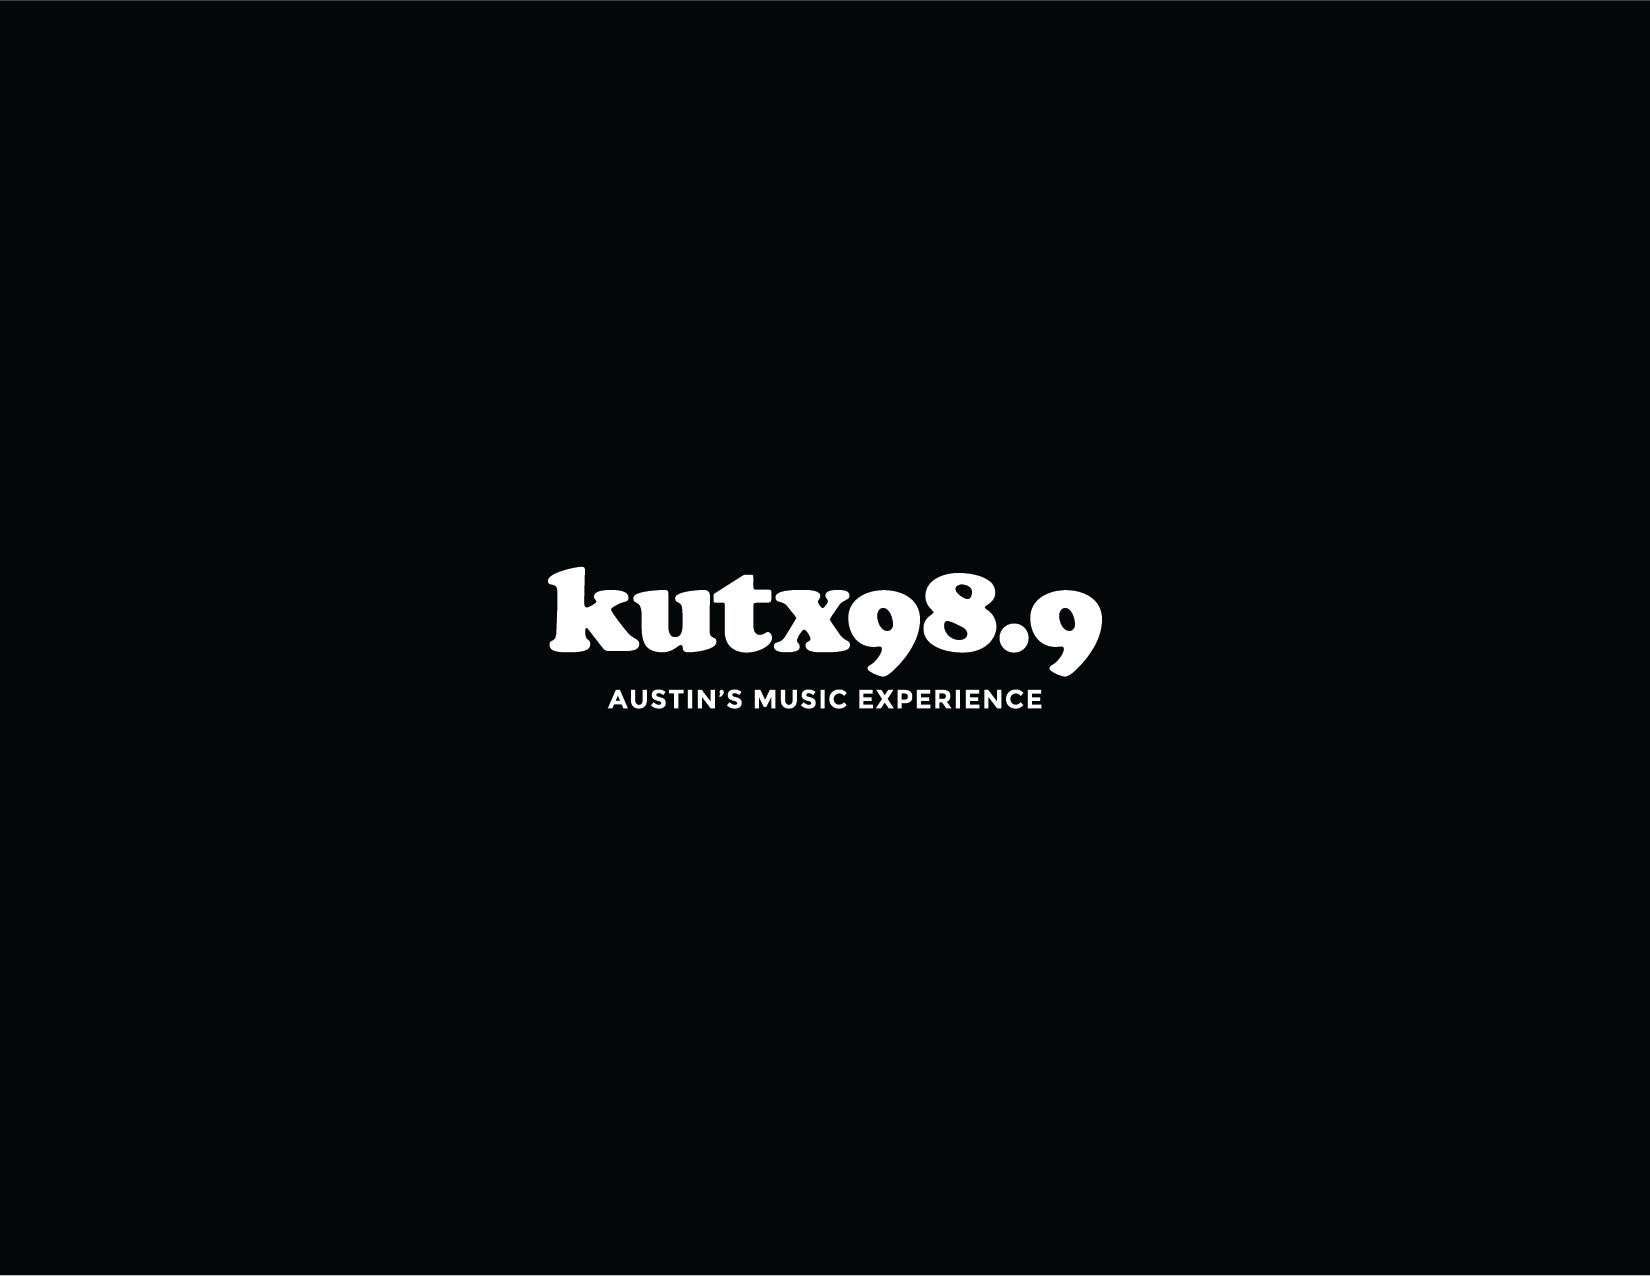 KUTX-07-07.png